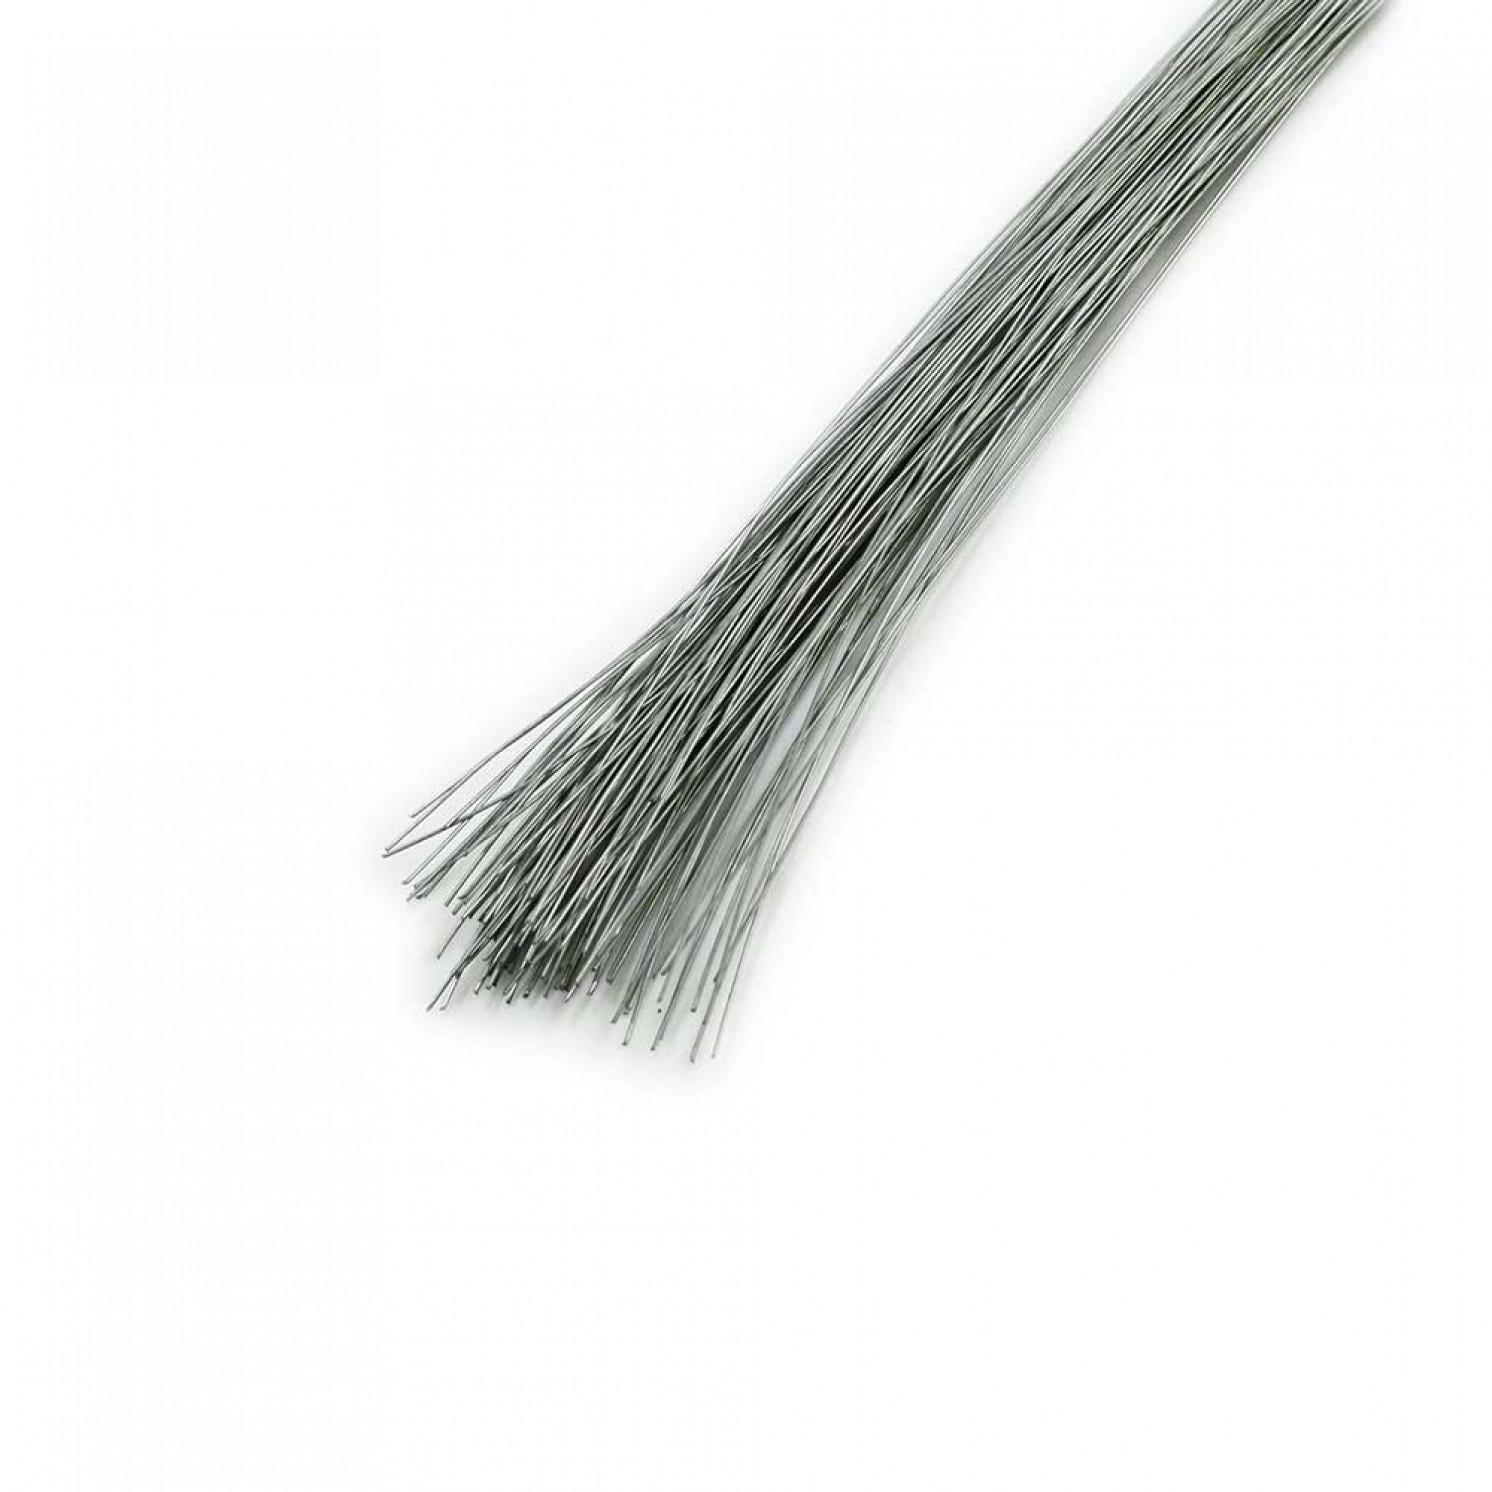 Проволока в бумажной обмотке пучок 100 шт, 36 см D=0,30мм ;№ 30 серебряная